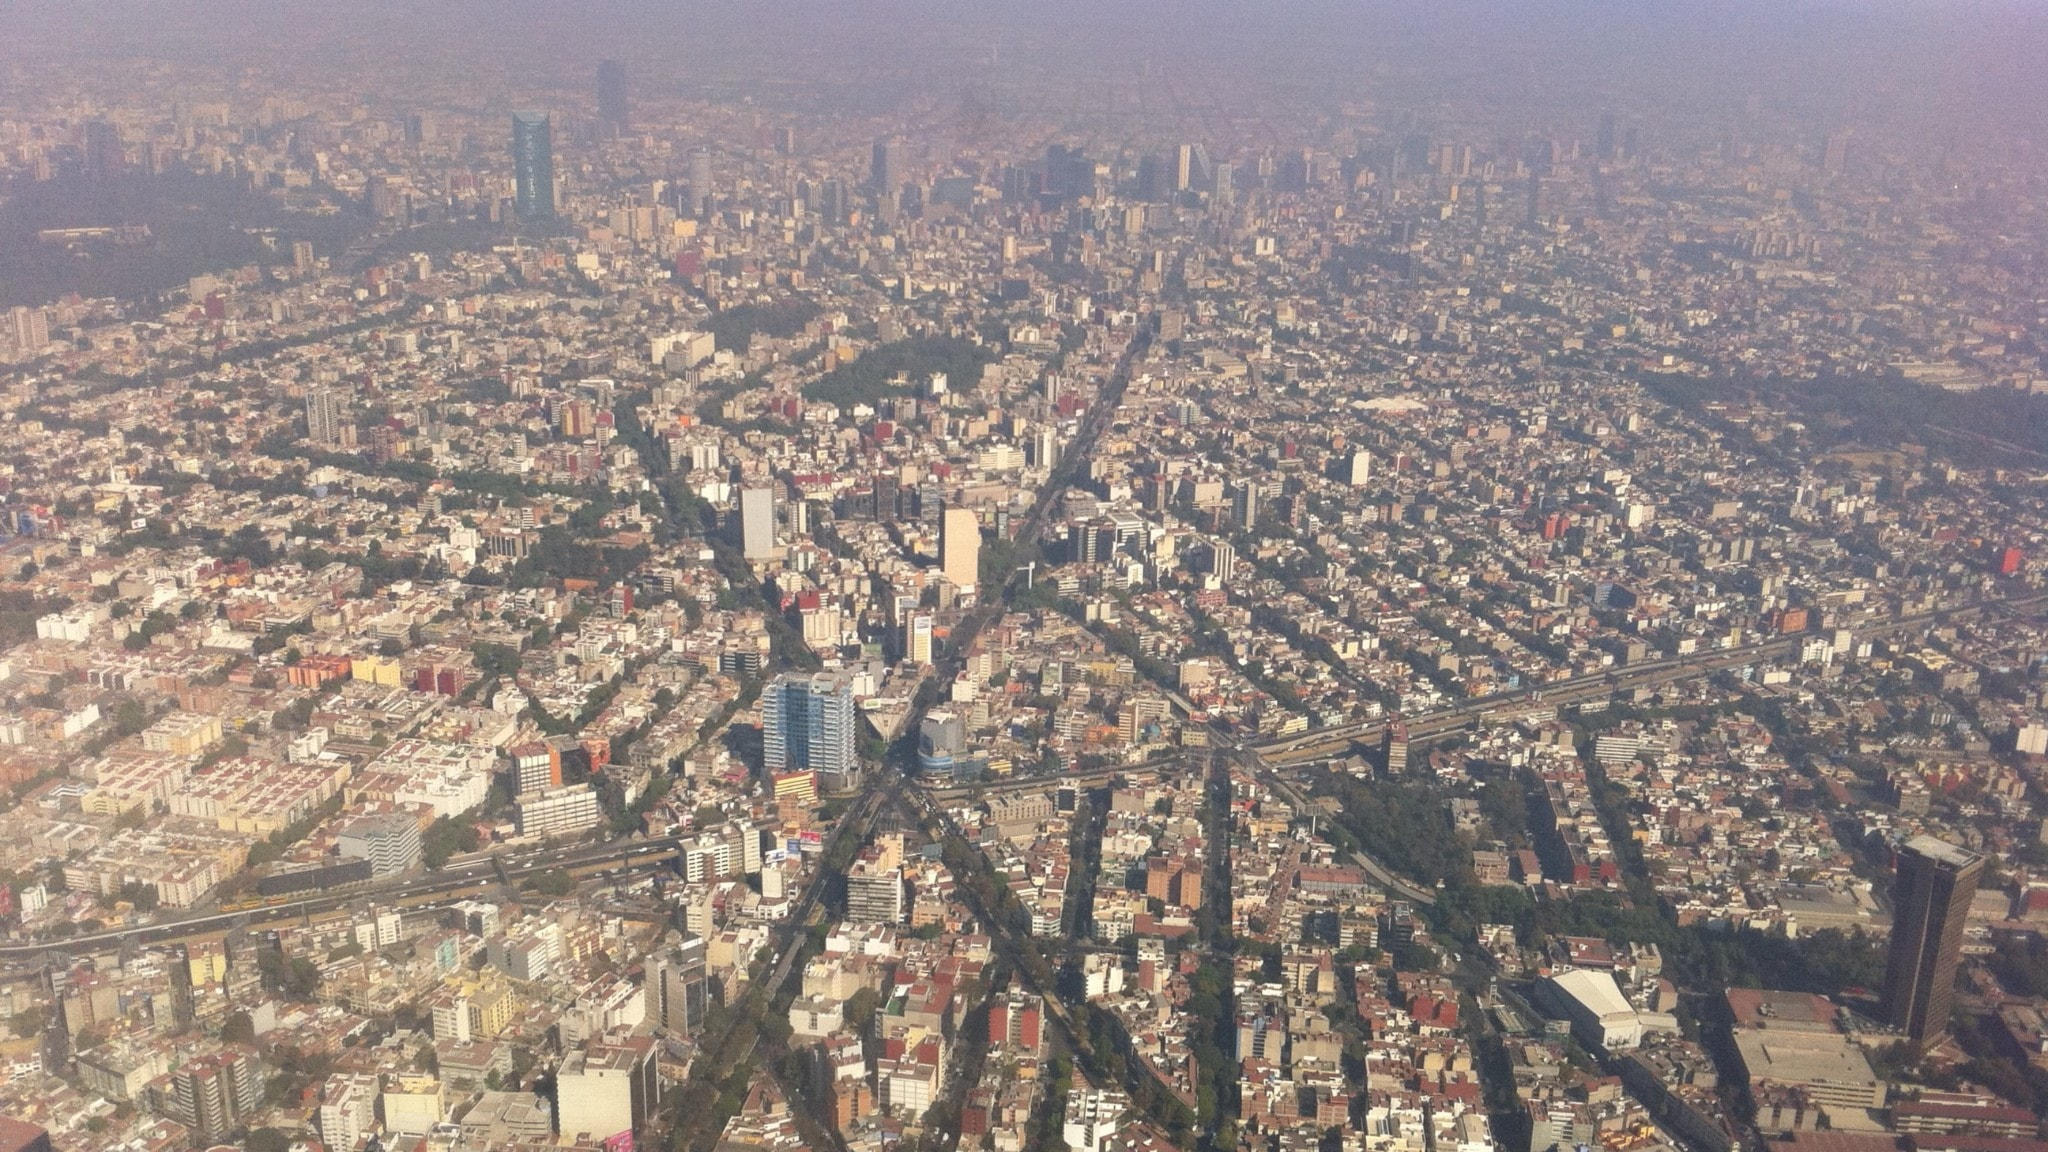 Mexico city i smog.